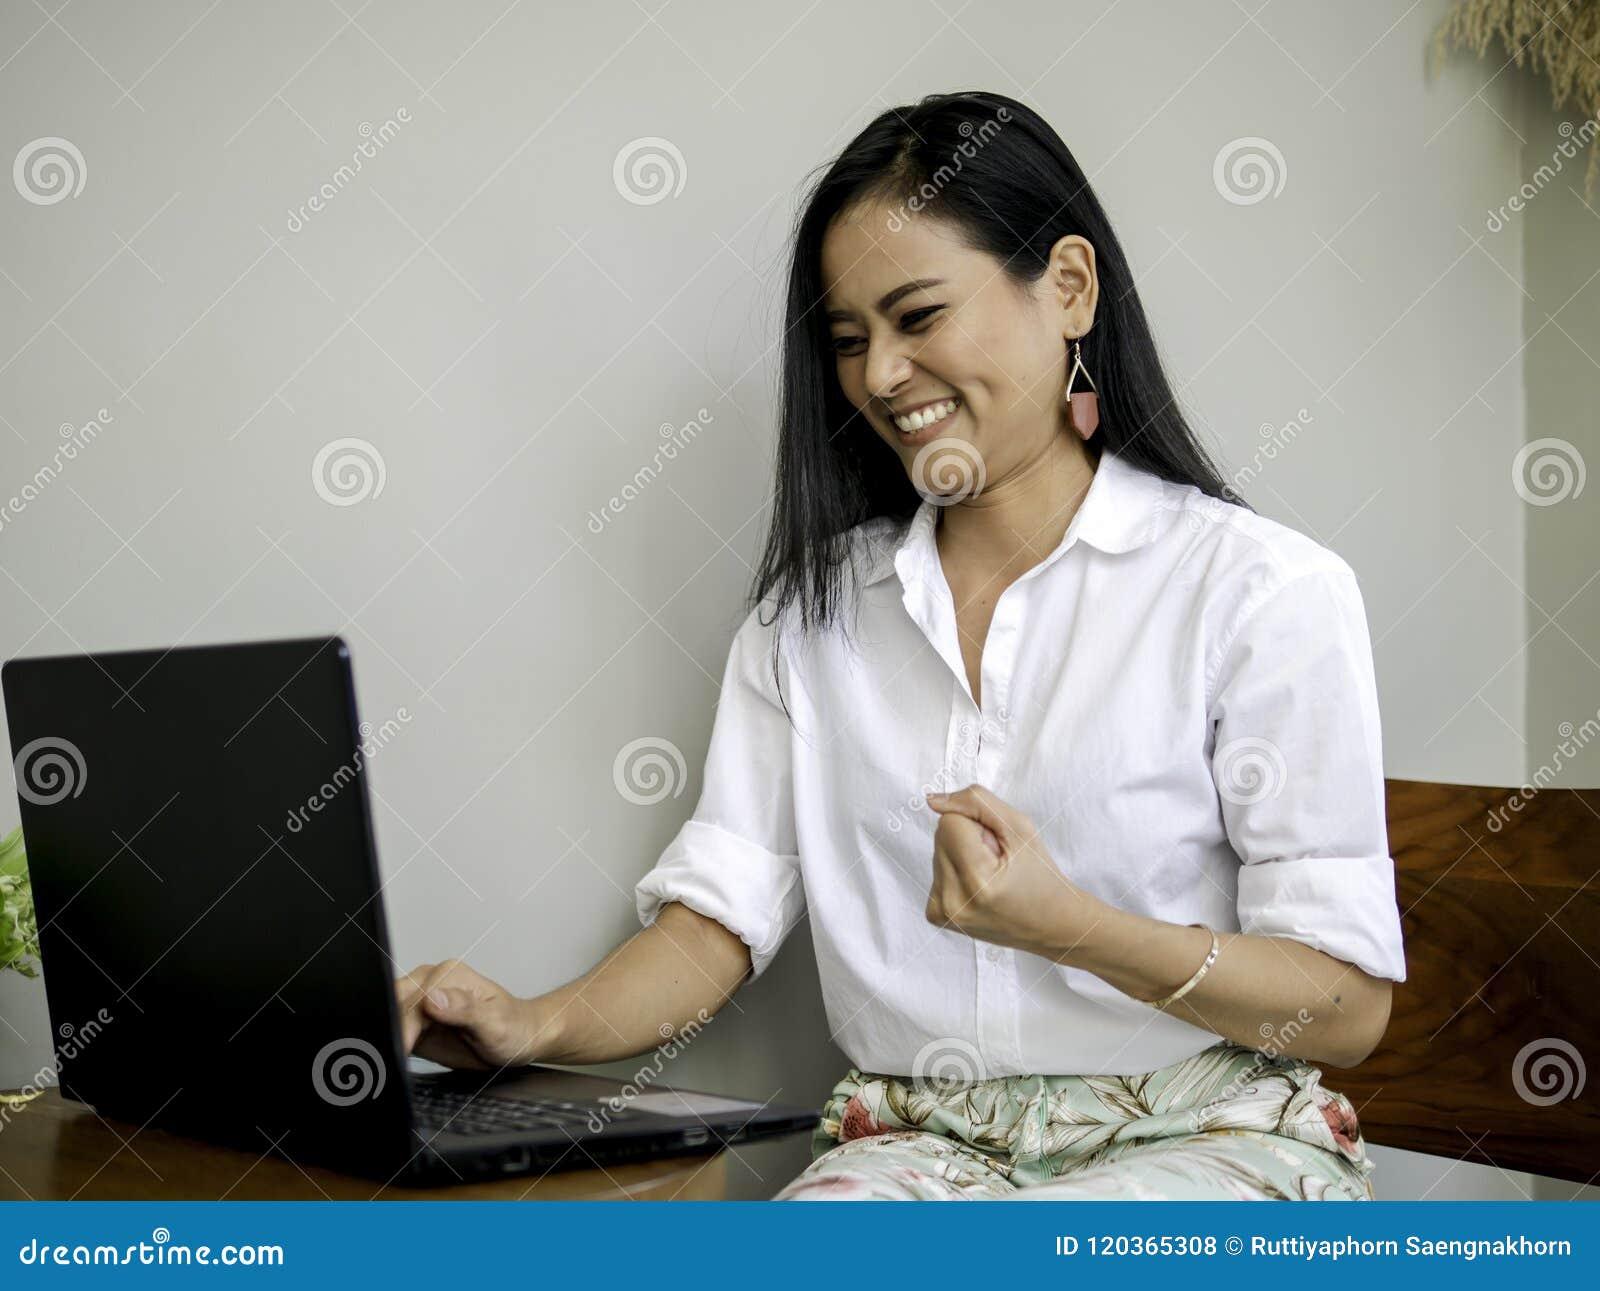 达到目标的成功的美丽的亚裔企业家,举在拳头的手有令人激动的和微笑的面孔的